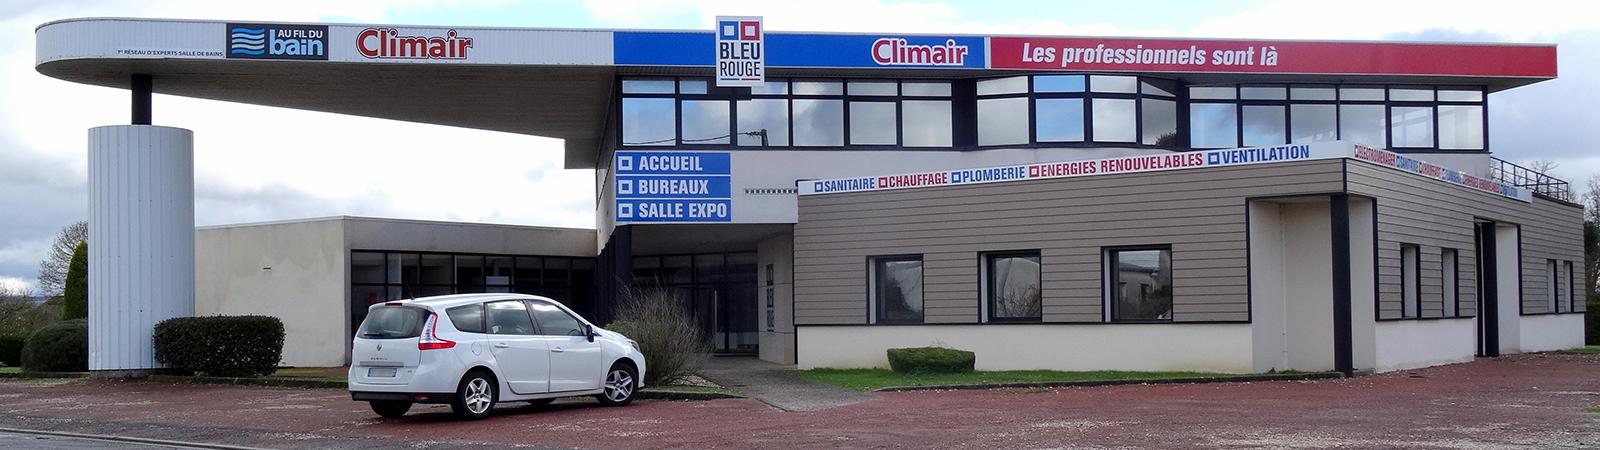 Climair Pons - Spécialiste en Chauffage, Climatisation, Sanitaire, Cuisine, Electroménager et Domotique